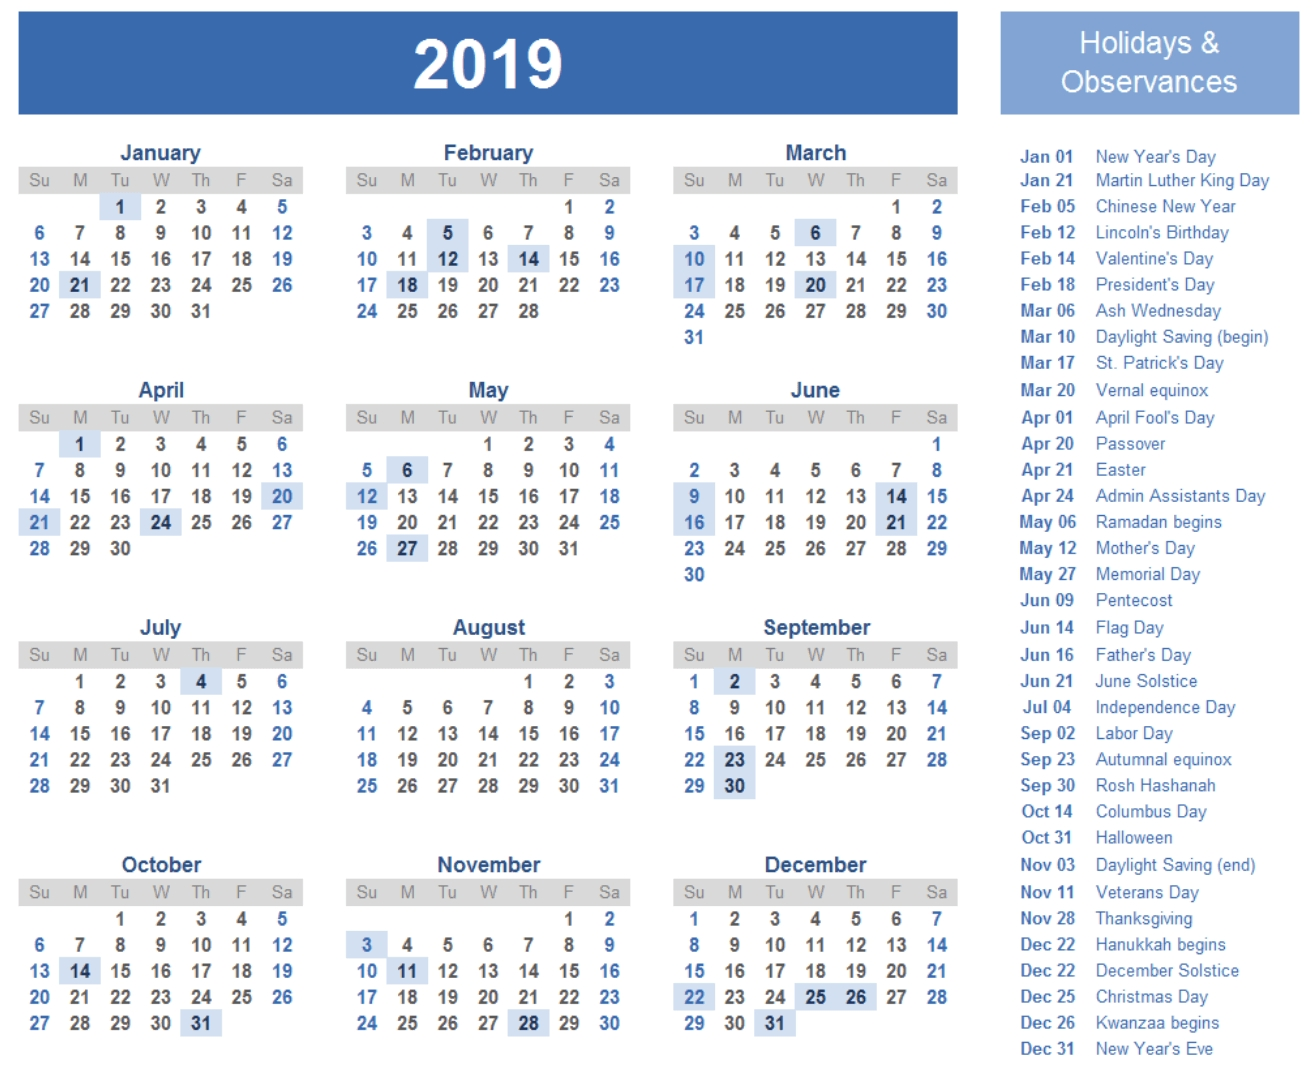 2019 Calendar Template | 2019 Calendar Template In 2018 | Pinterest W 2019 Calendar